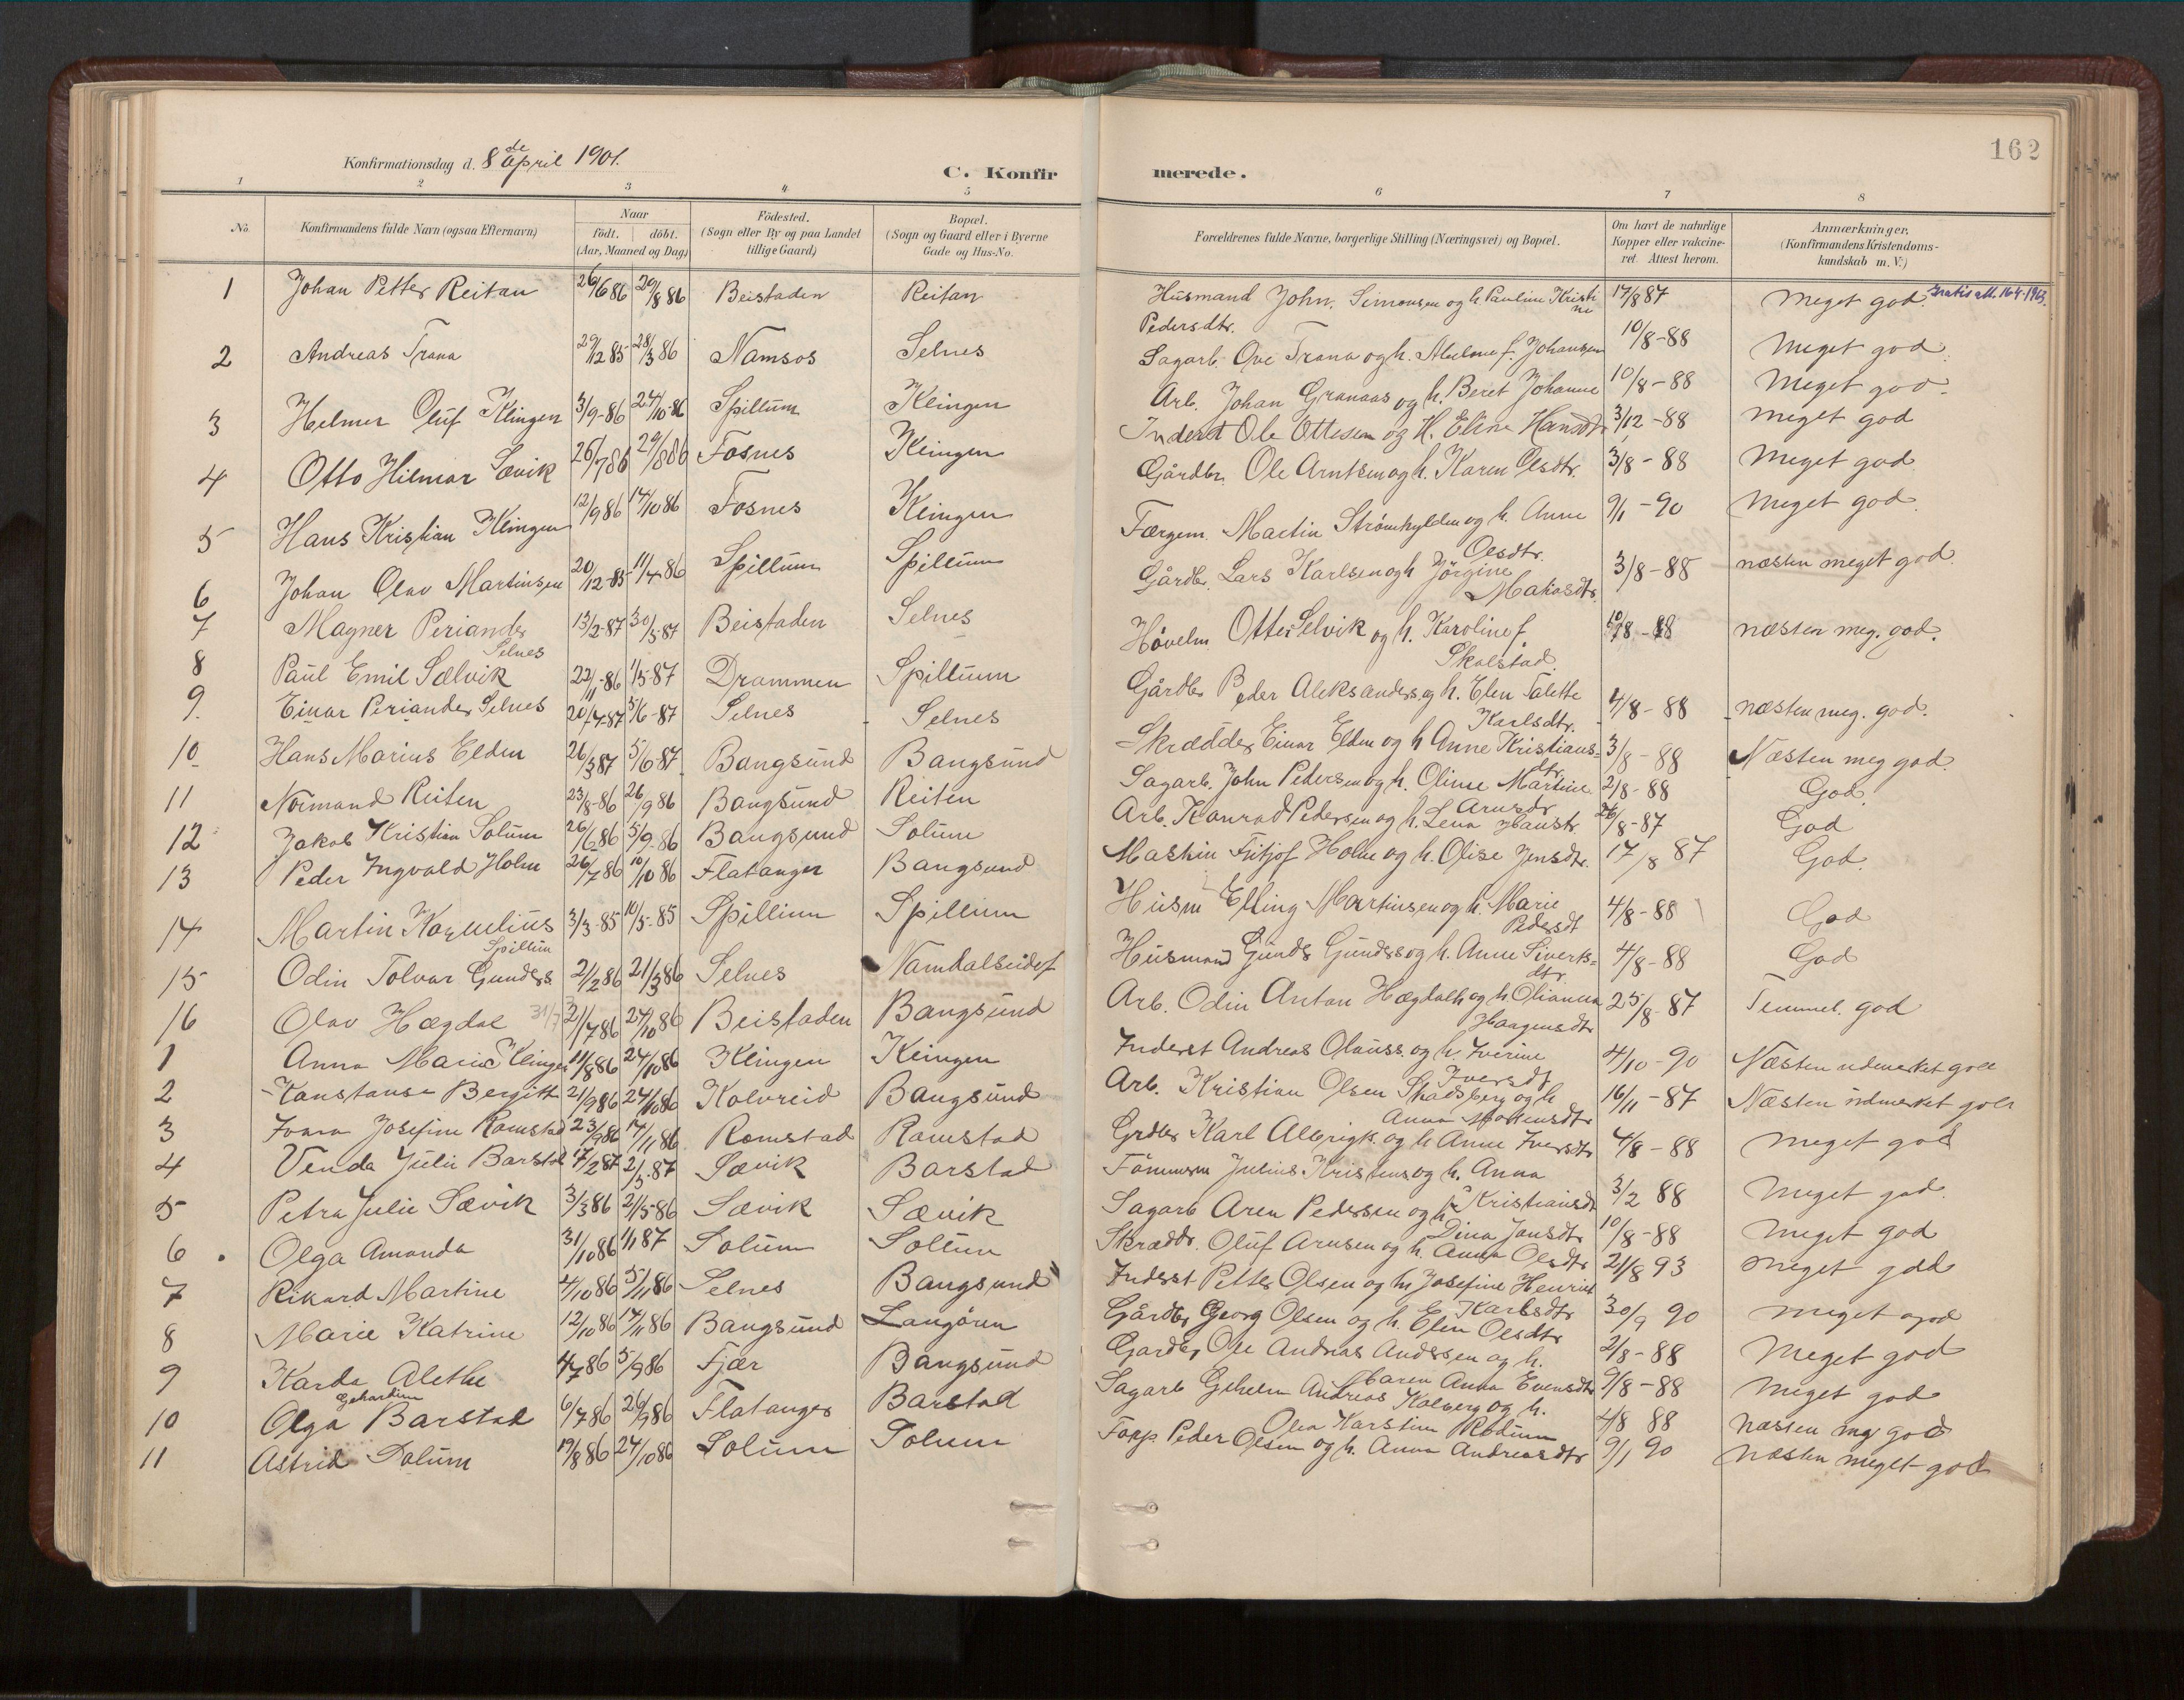 SAT, Ministerialprotokoller, klokkerbøker og fødselsregistre - Nord-Trøndelag, 770/L0589: Ministerialbok nr. 770A03, 1887-1929, s. 162